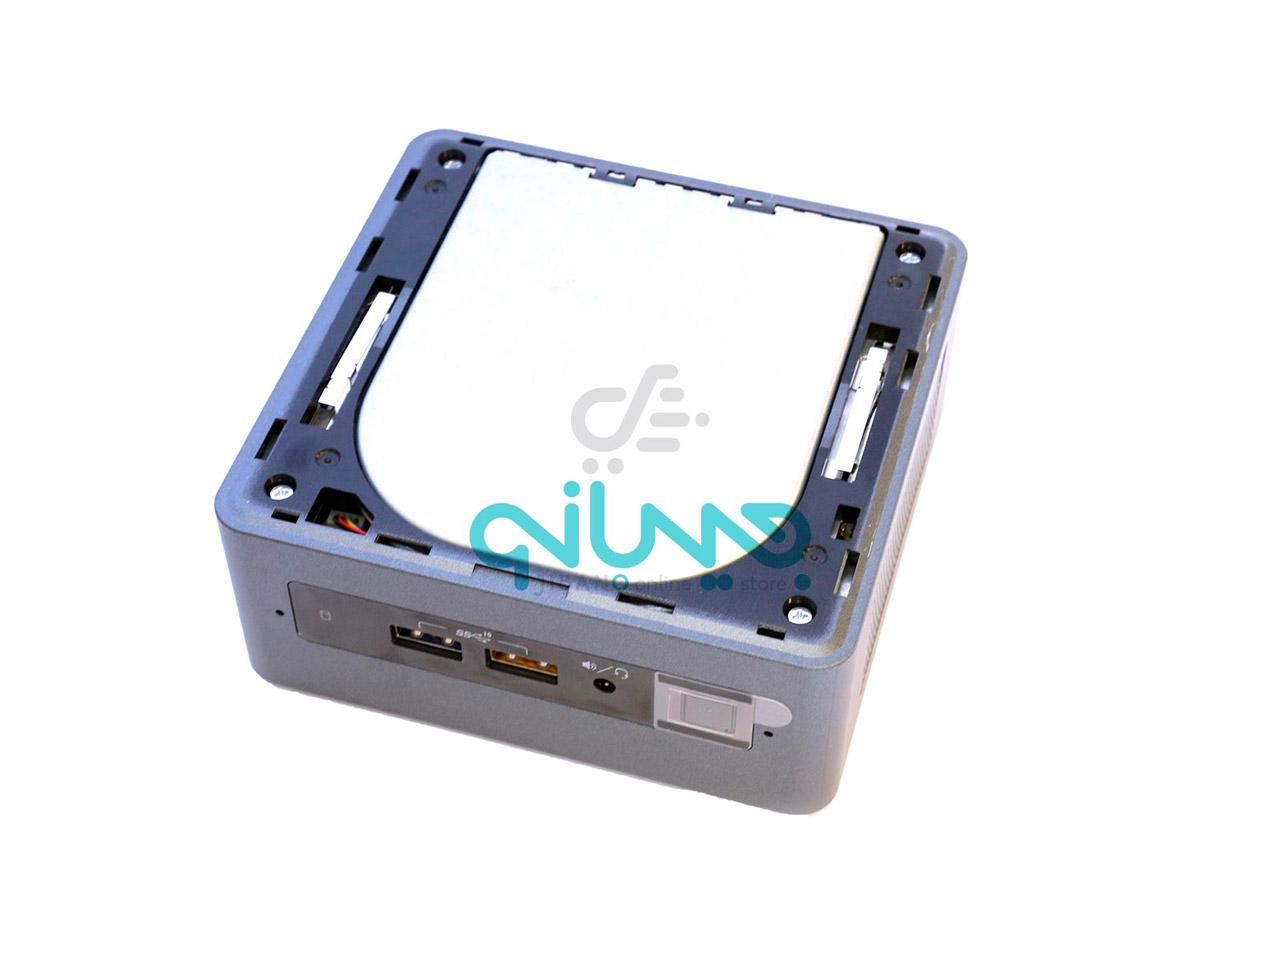 نقد و بررسی کامپیوتر کوچک اینتل NUC8i3BEH   فروشگاه اینترنتی جیبانو